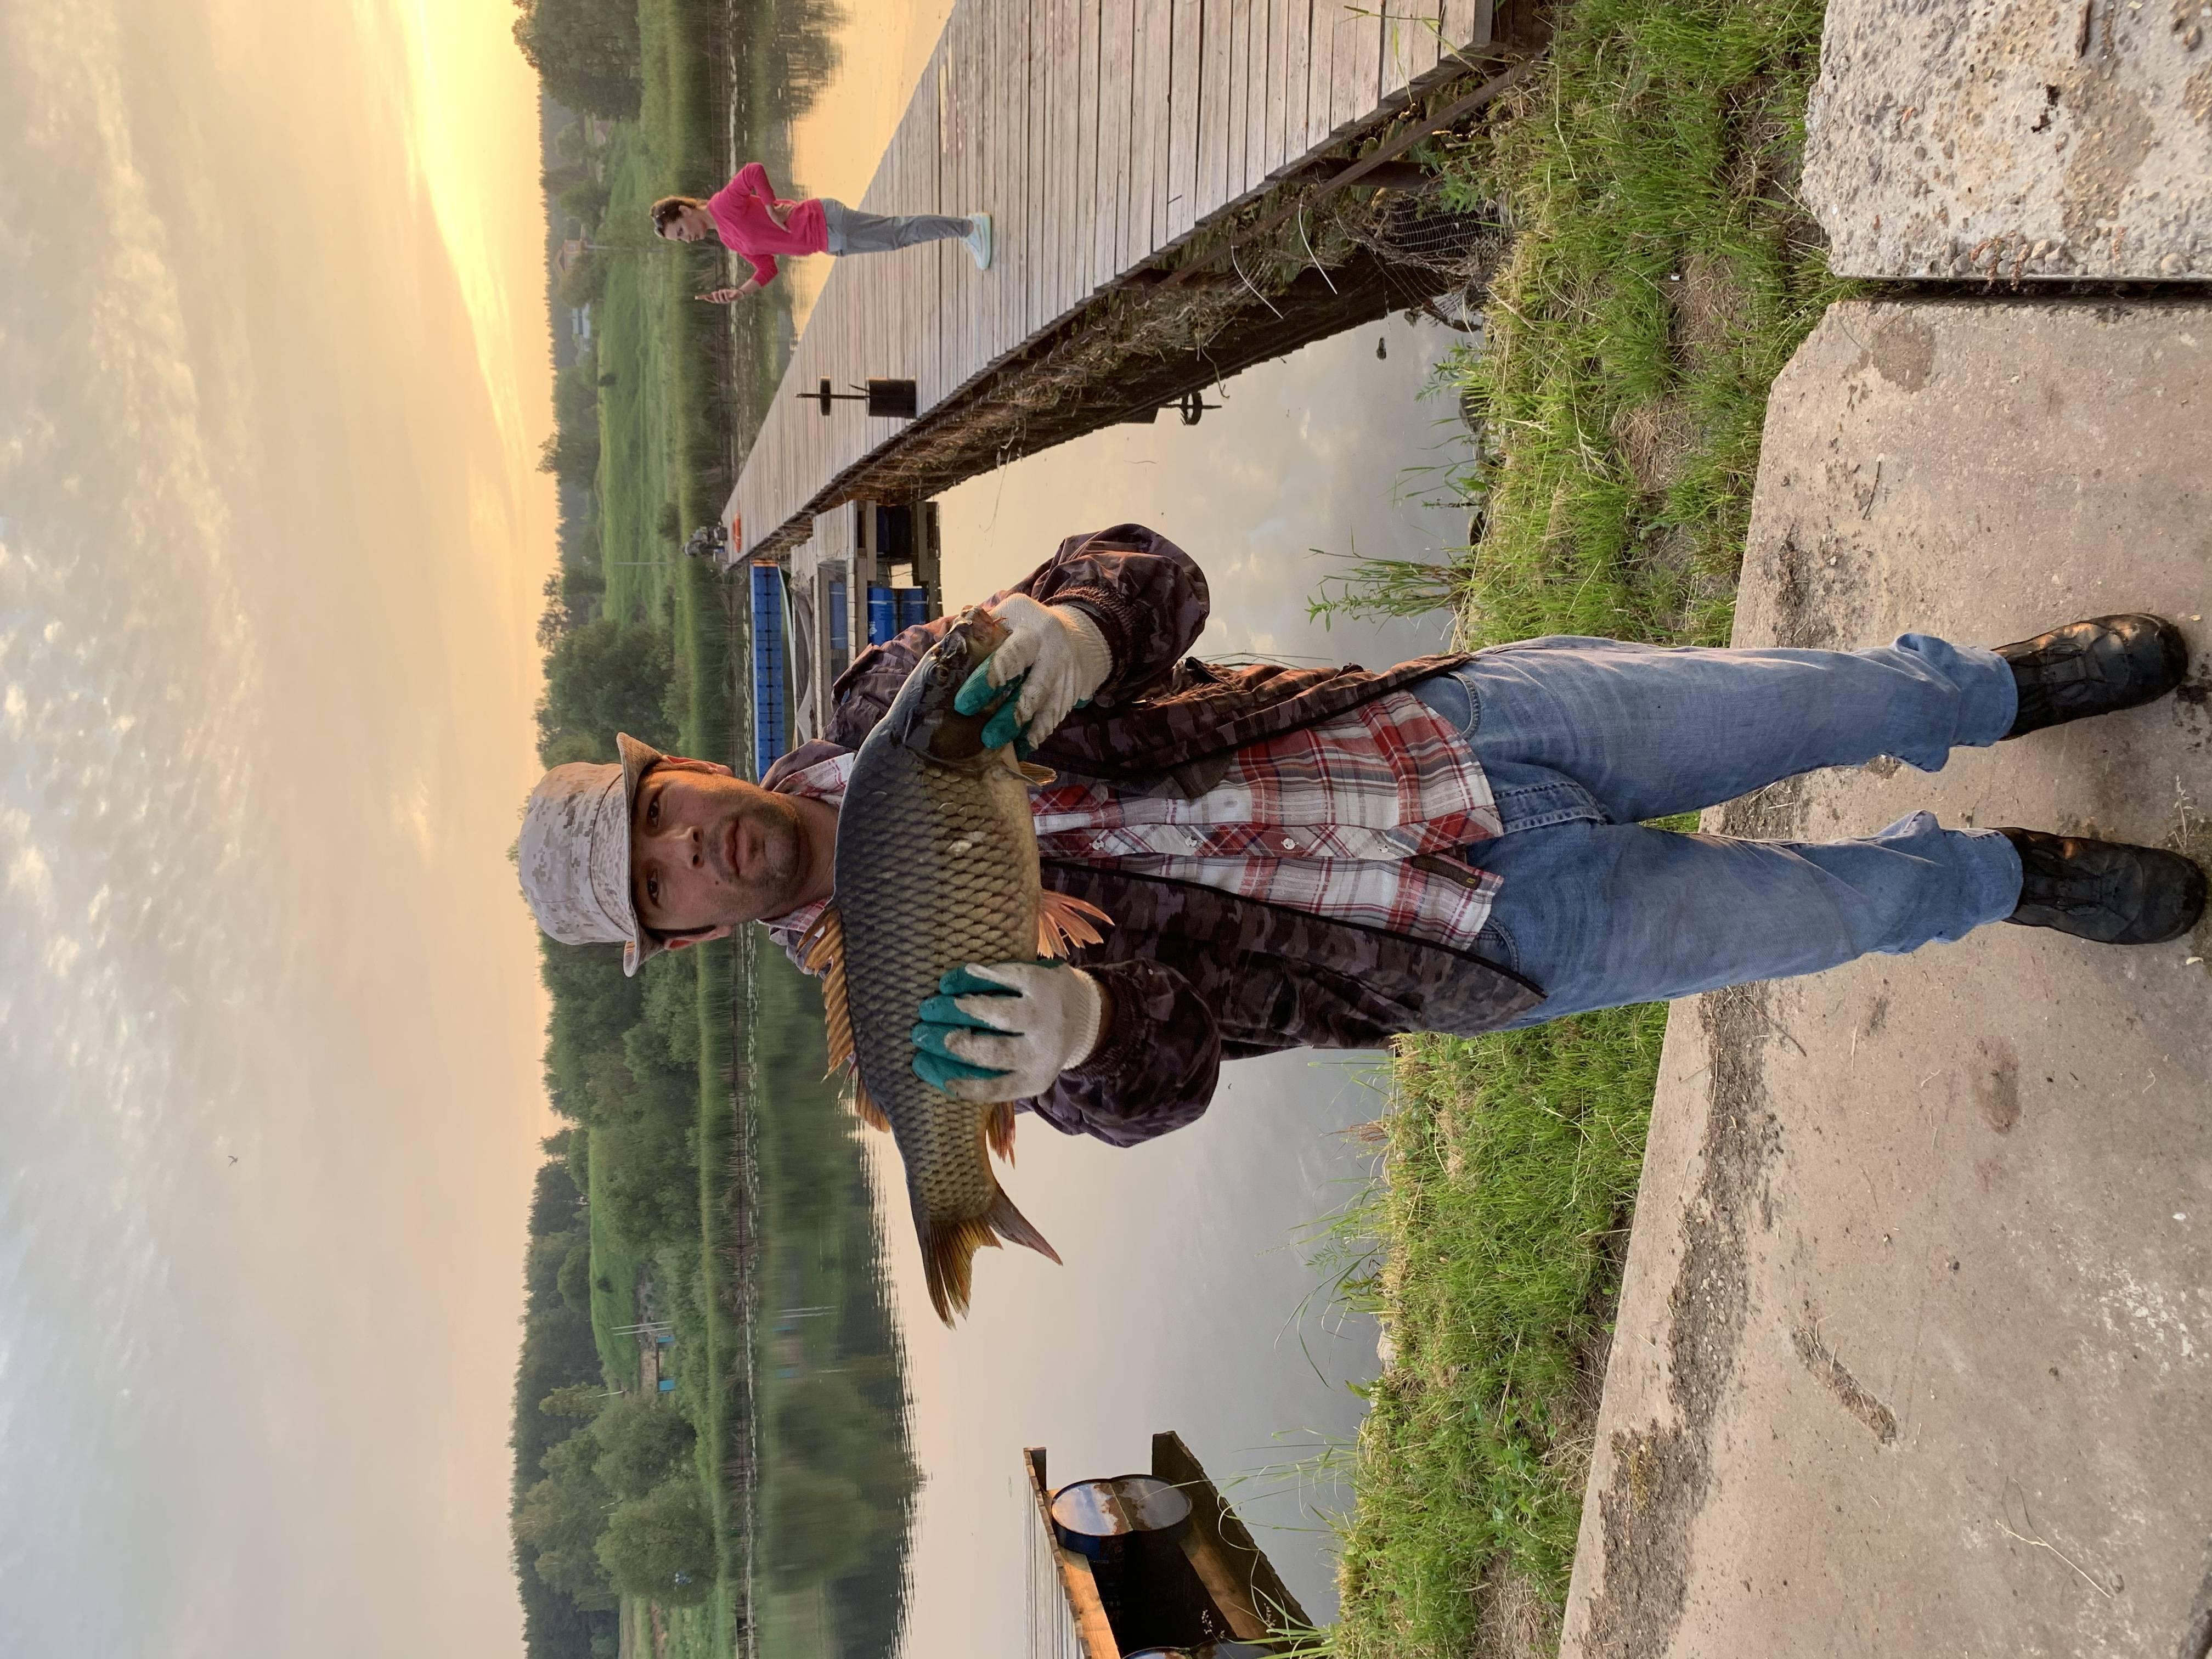 Платная рыбалка в приволжском федеральном округе россии, каталог платных водоемов